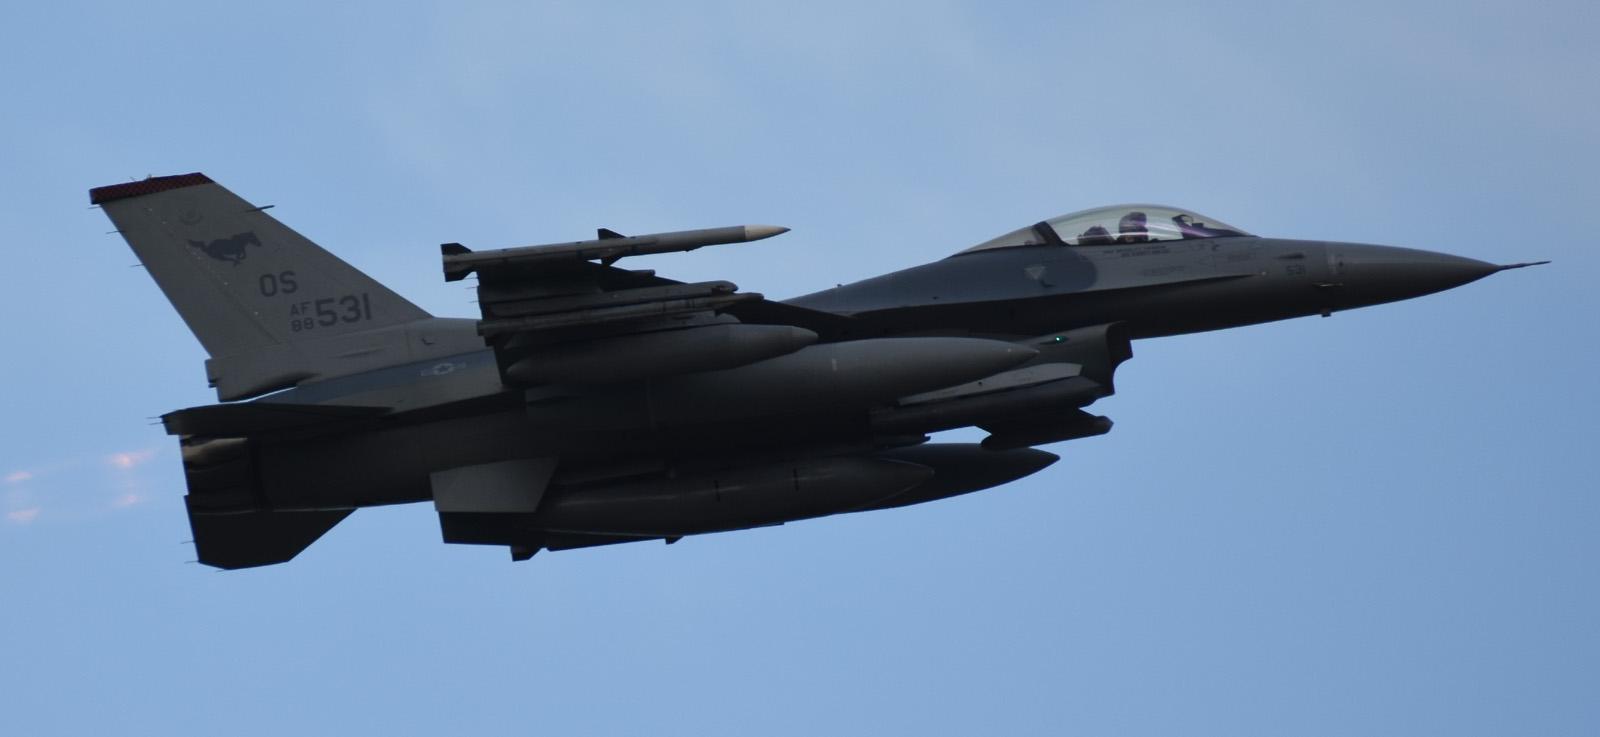 F16cm170604g287